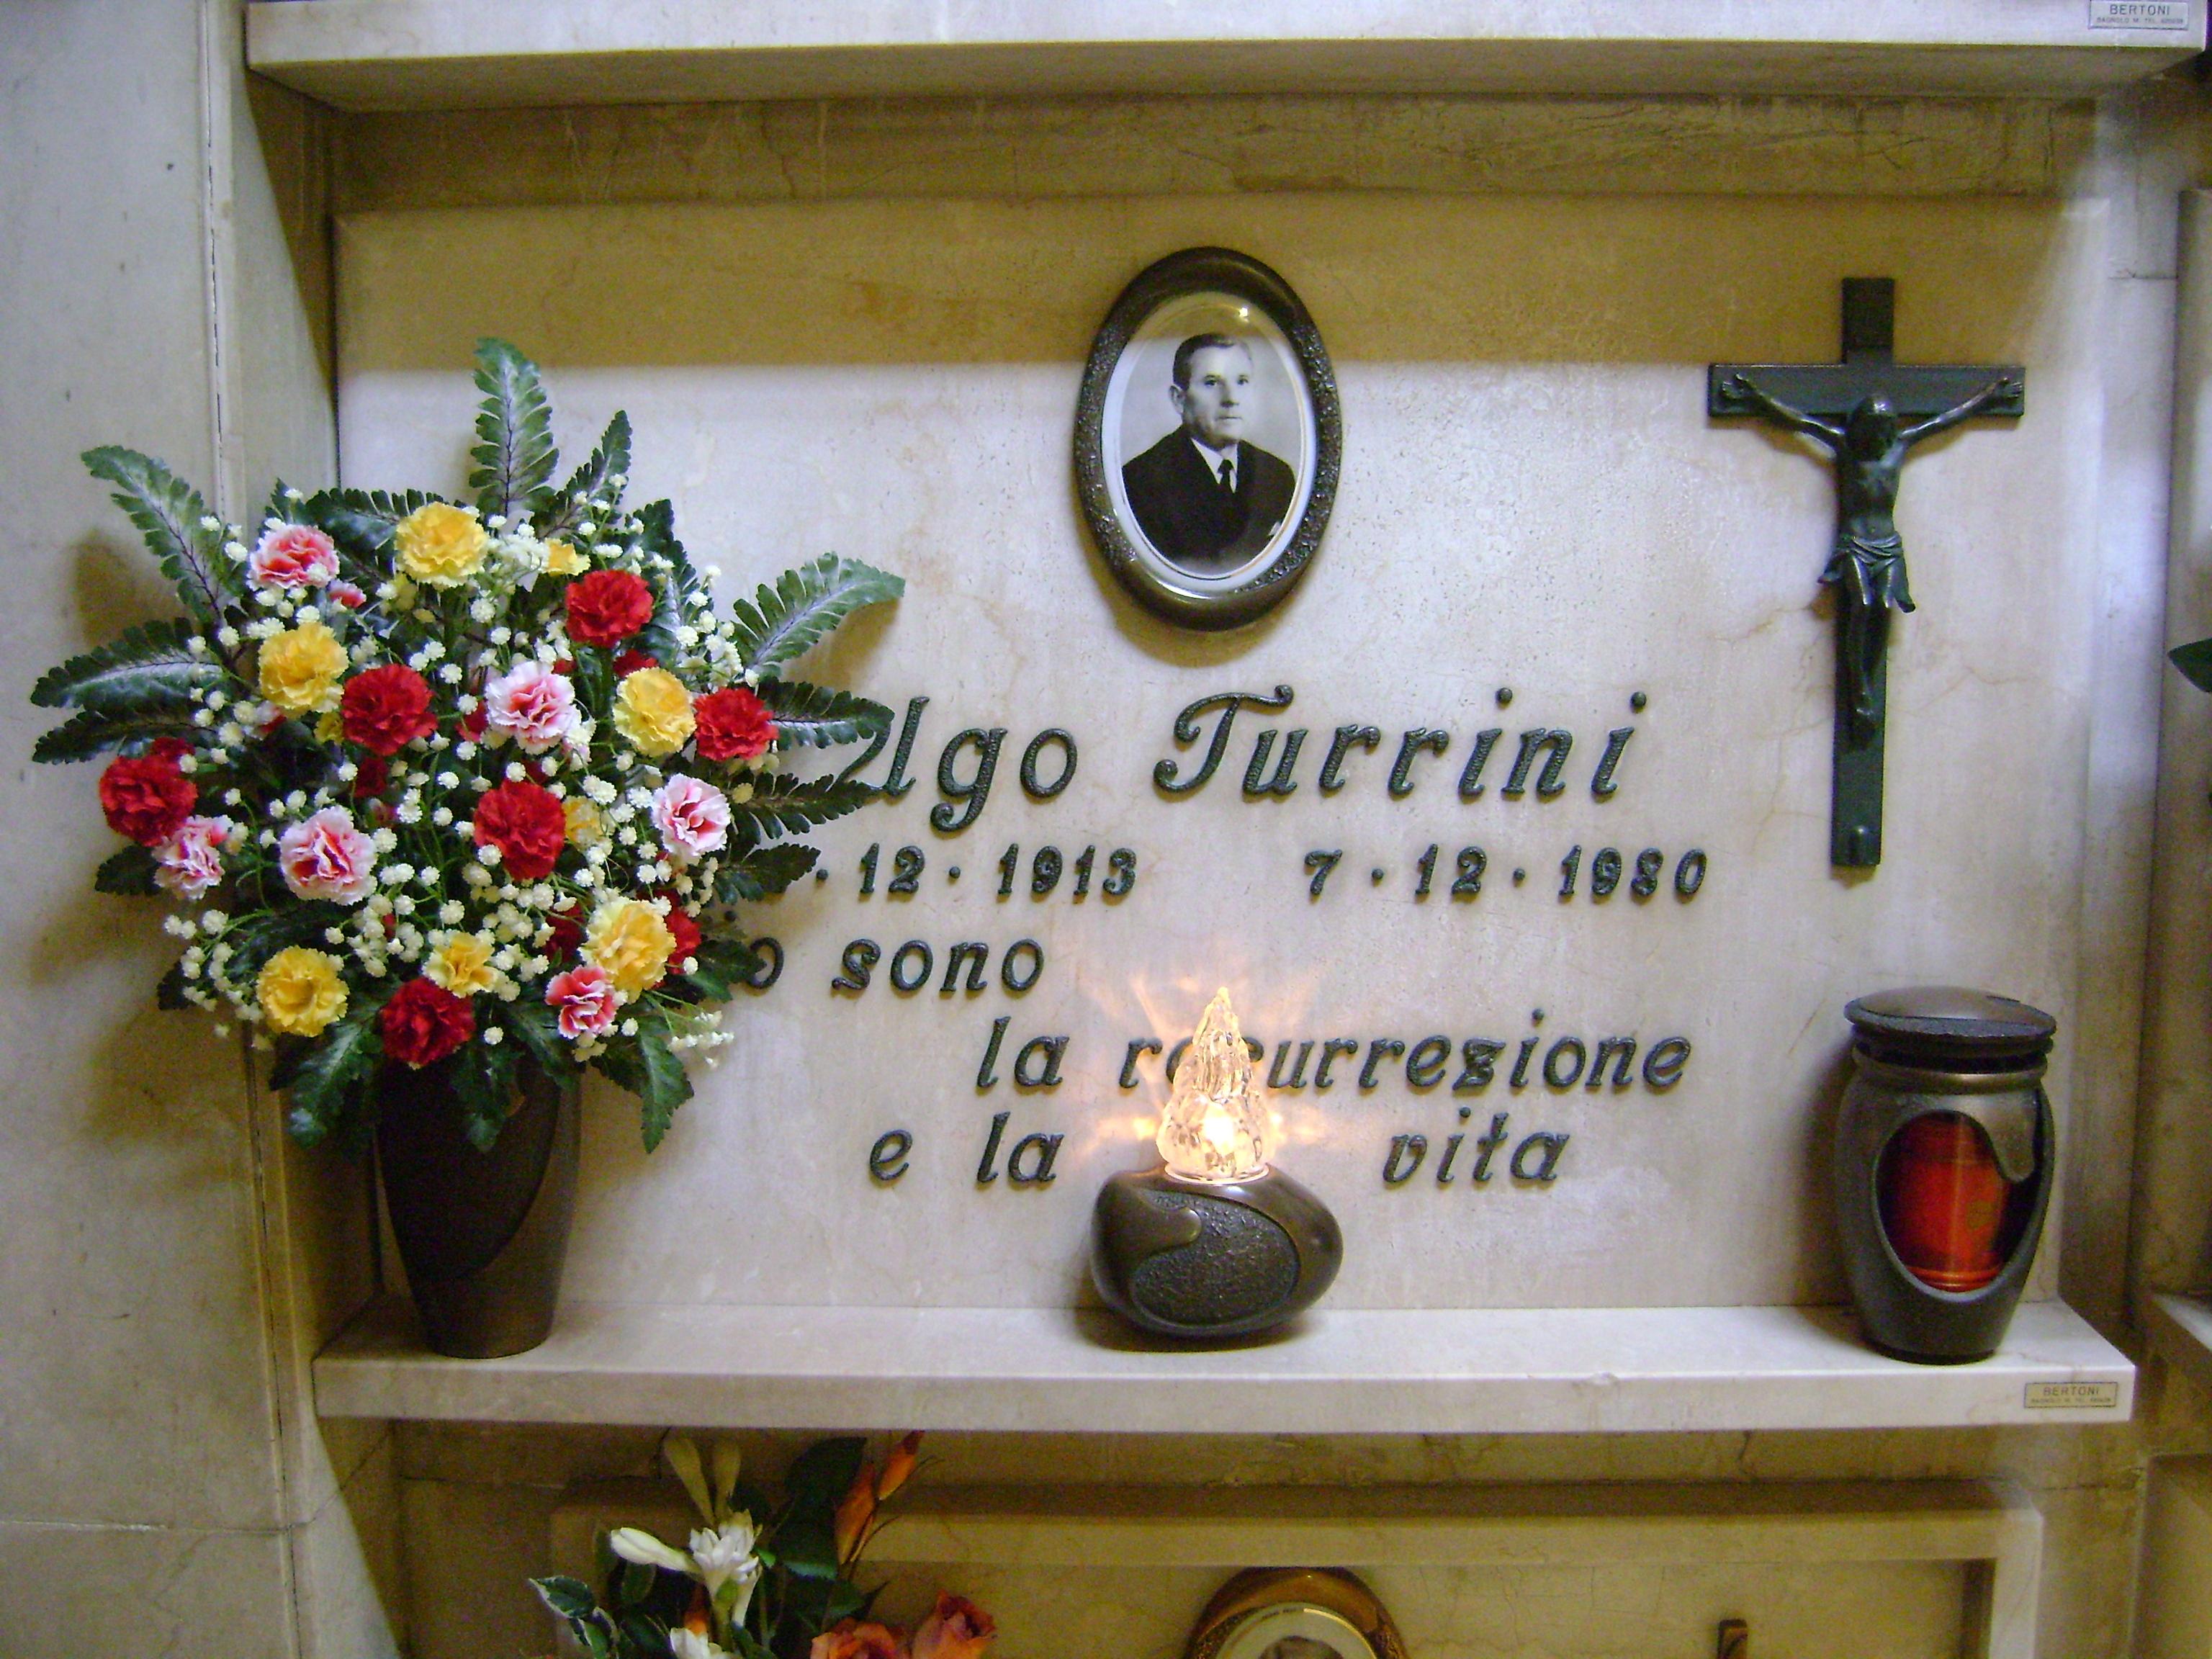 Santi e defunti: oltre la commemorazione, noi.